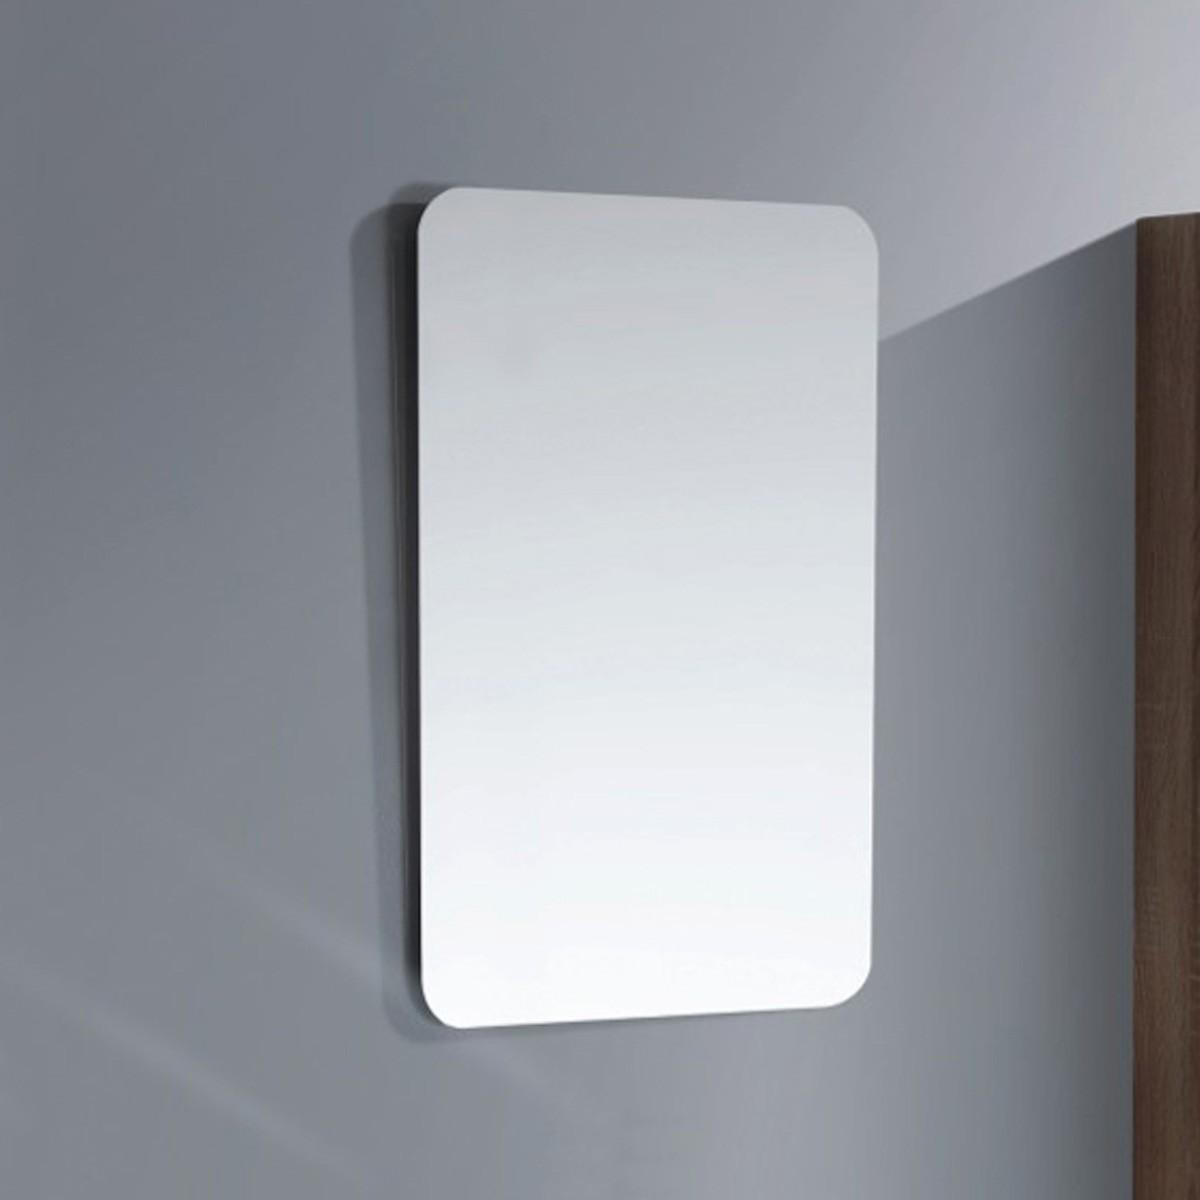 20 x 30 po Miroir pour vanité salle de bain (MYF6002-M)